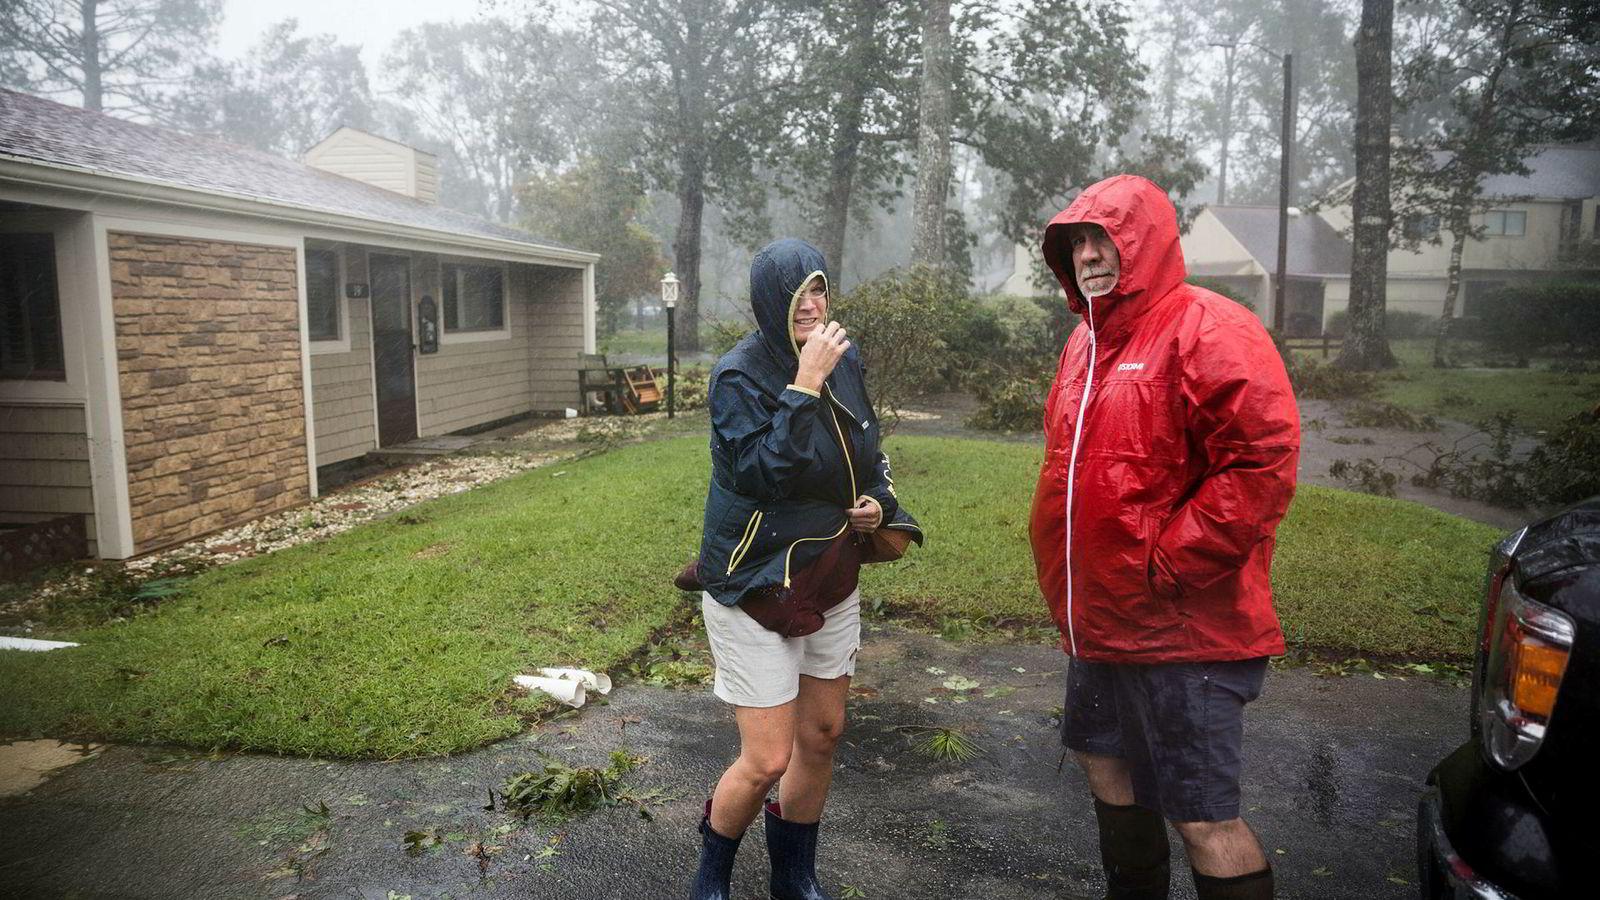 Ginger Thomas og Brett Harp reiste fra huset før stormen. Etter oversvømmelsen har de kommet tilbake for å se på skadene.